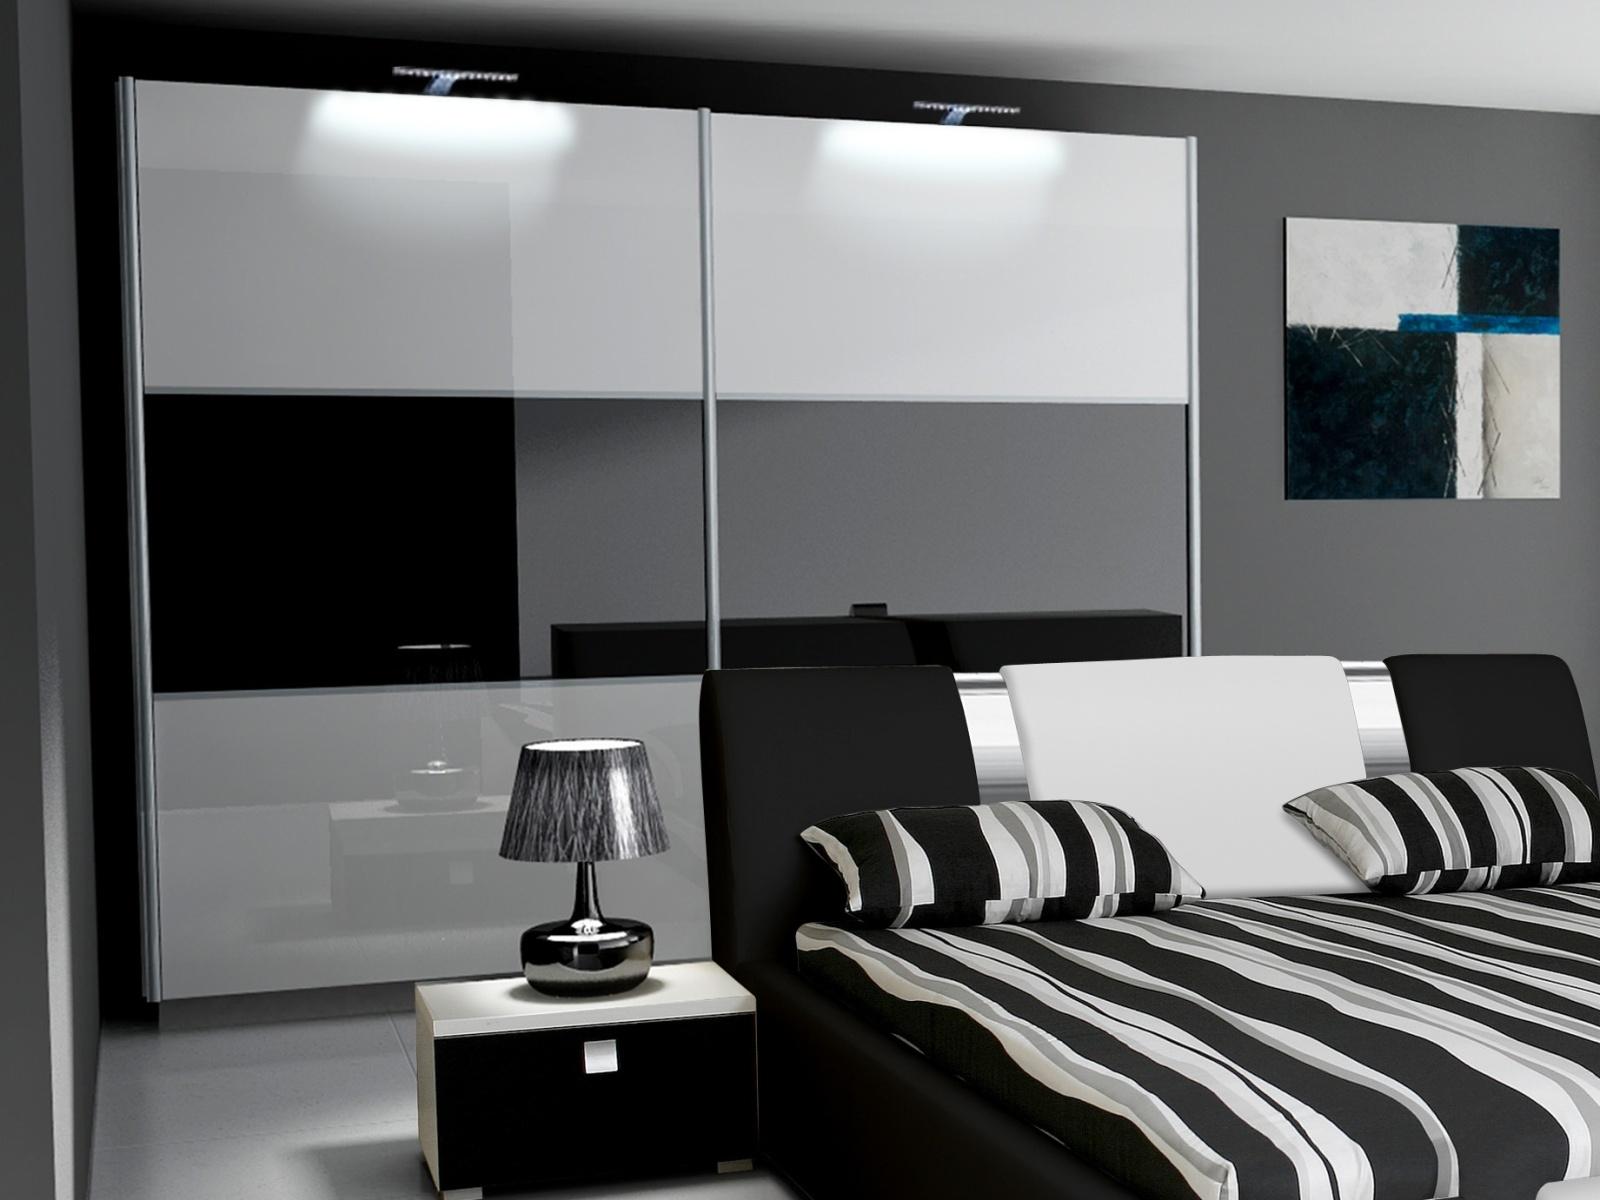 Smartshop Šatní skříň RIVA II 270, bílá/bílý + černý lesk